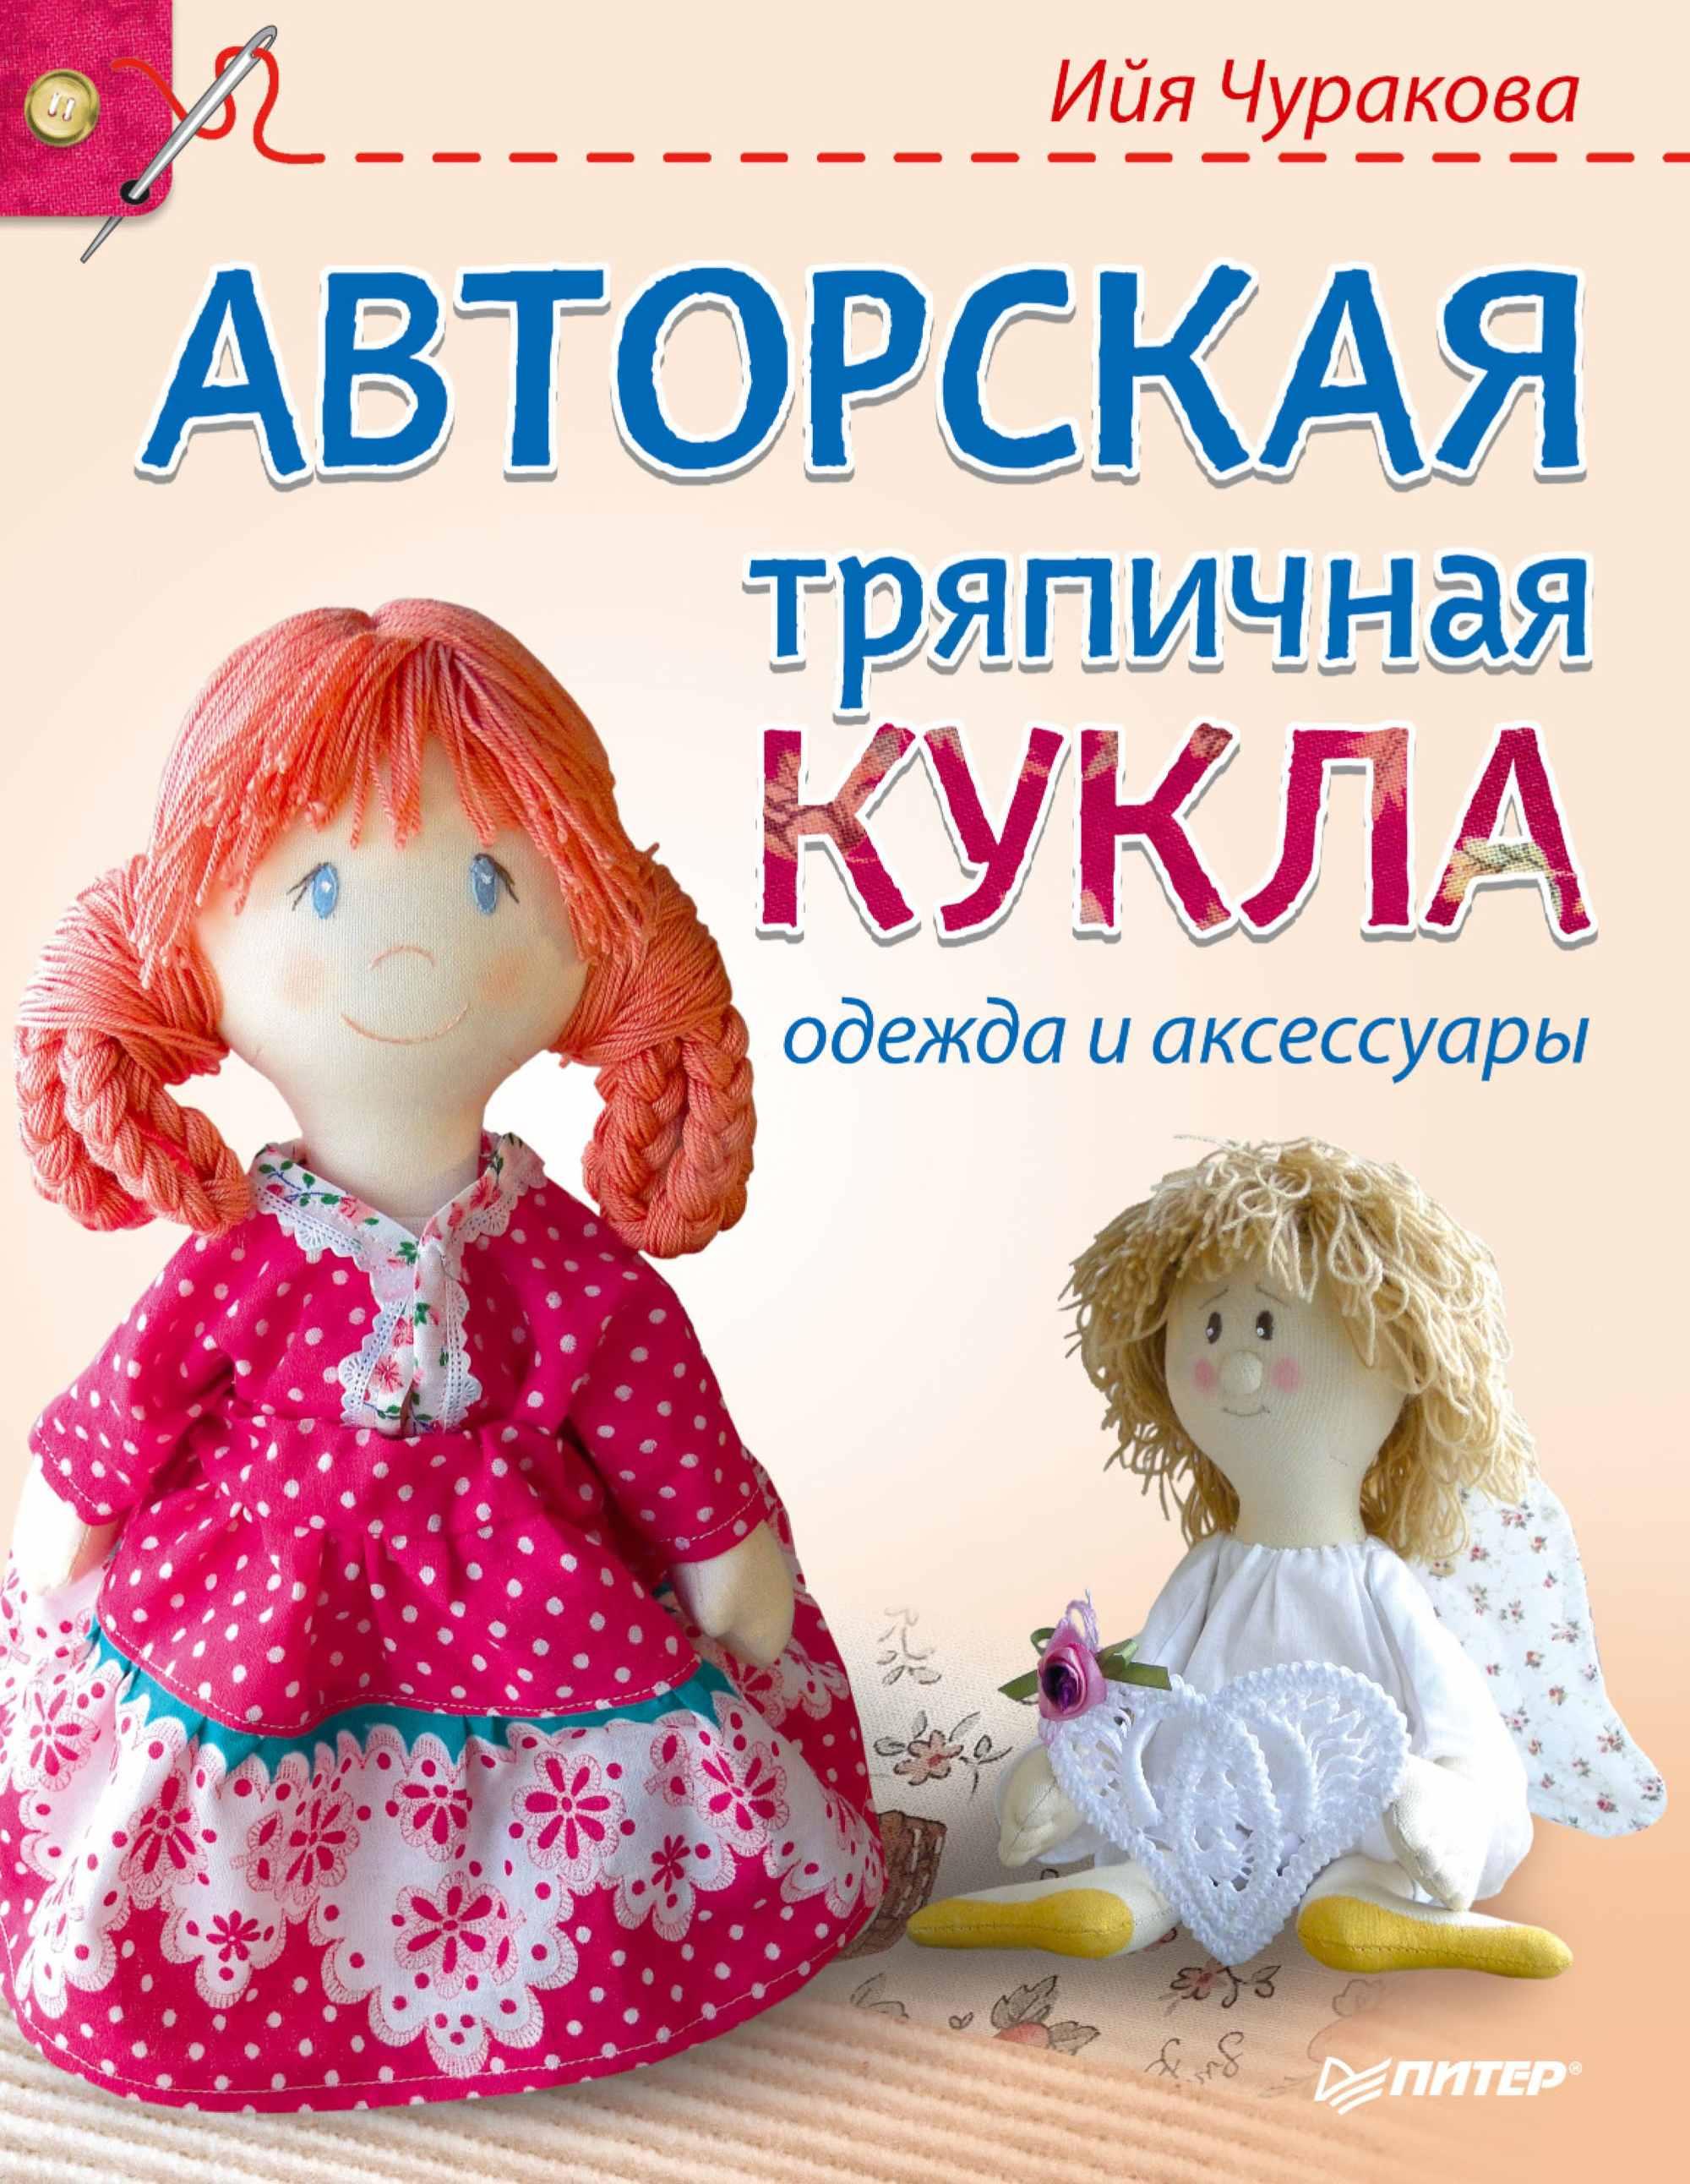 Ийя Чуракова Авторская тряпичная кукла, одежда и аксессуары цена